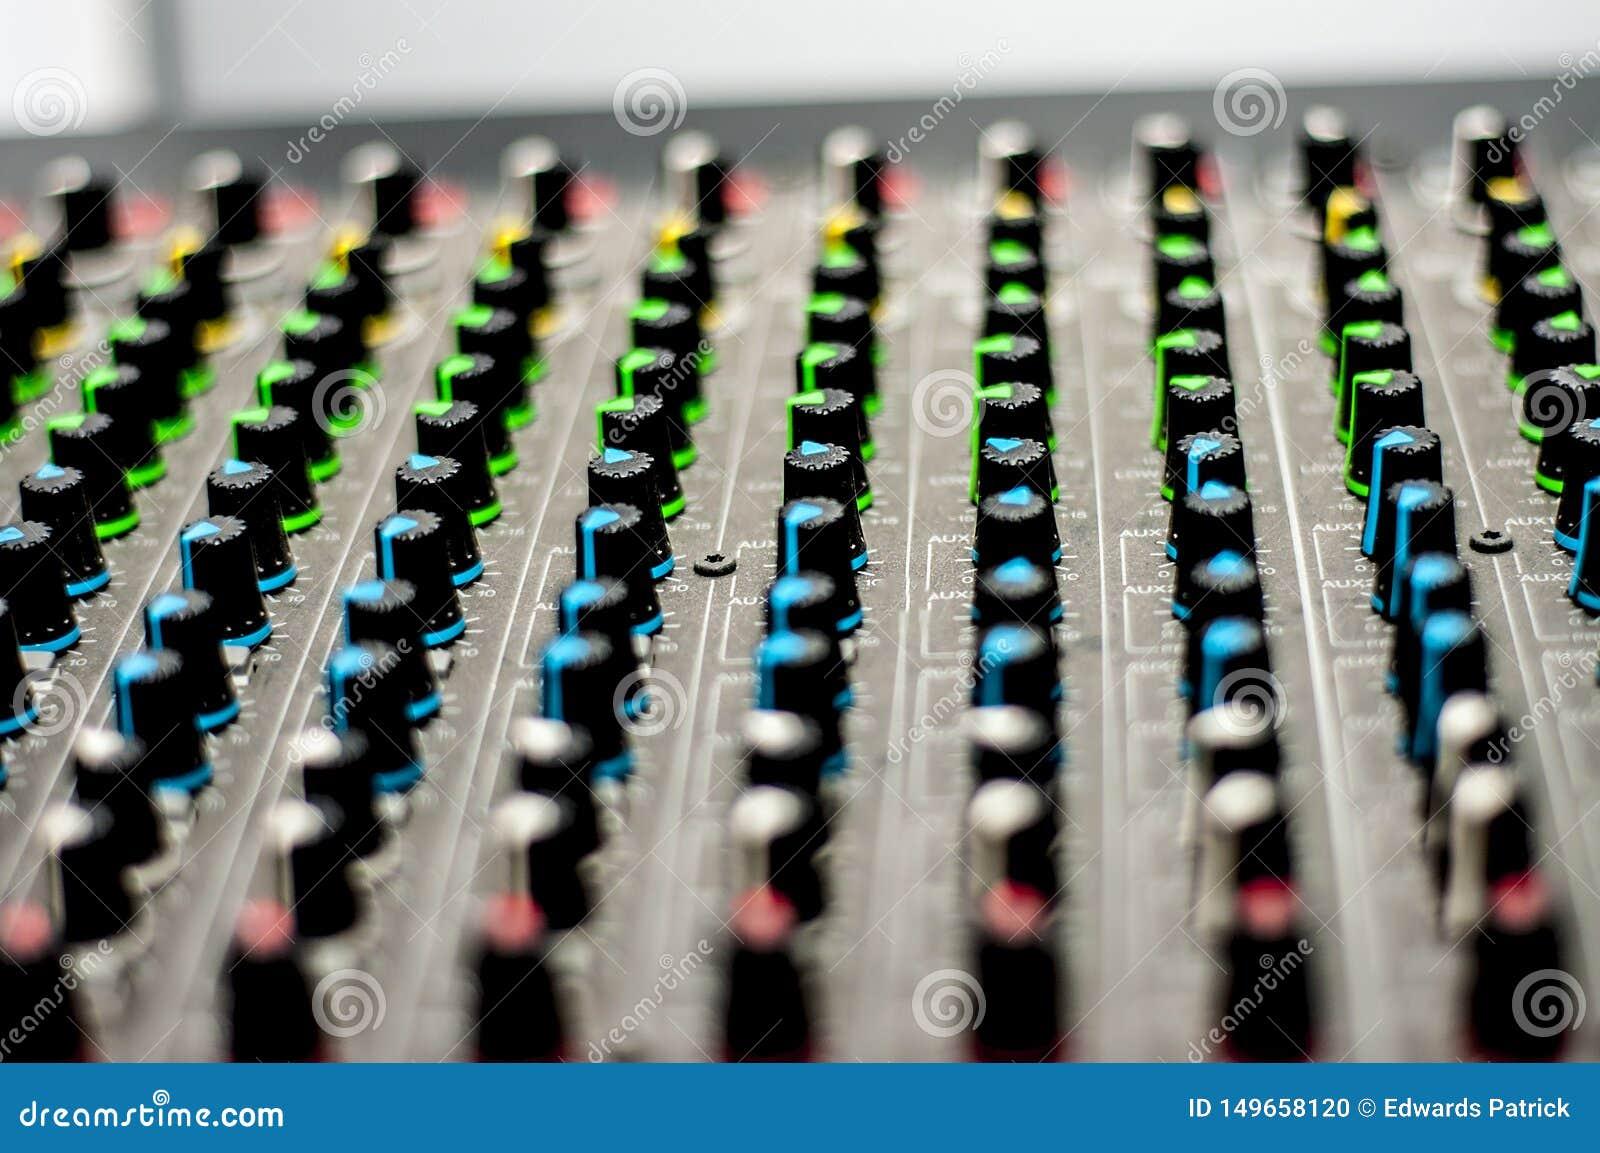 音频搅拌器控制台